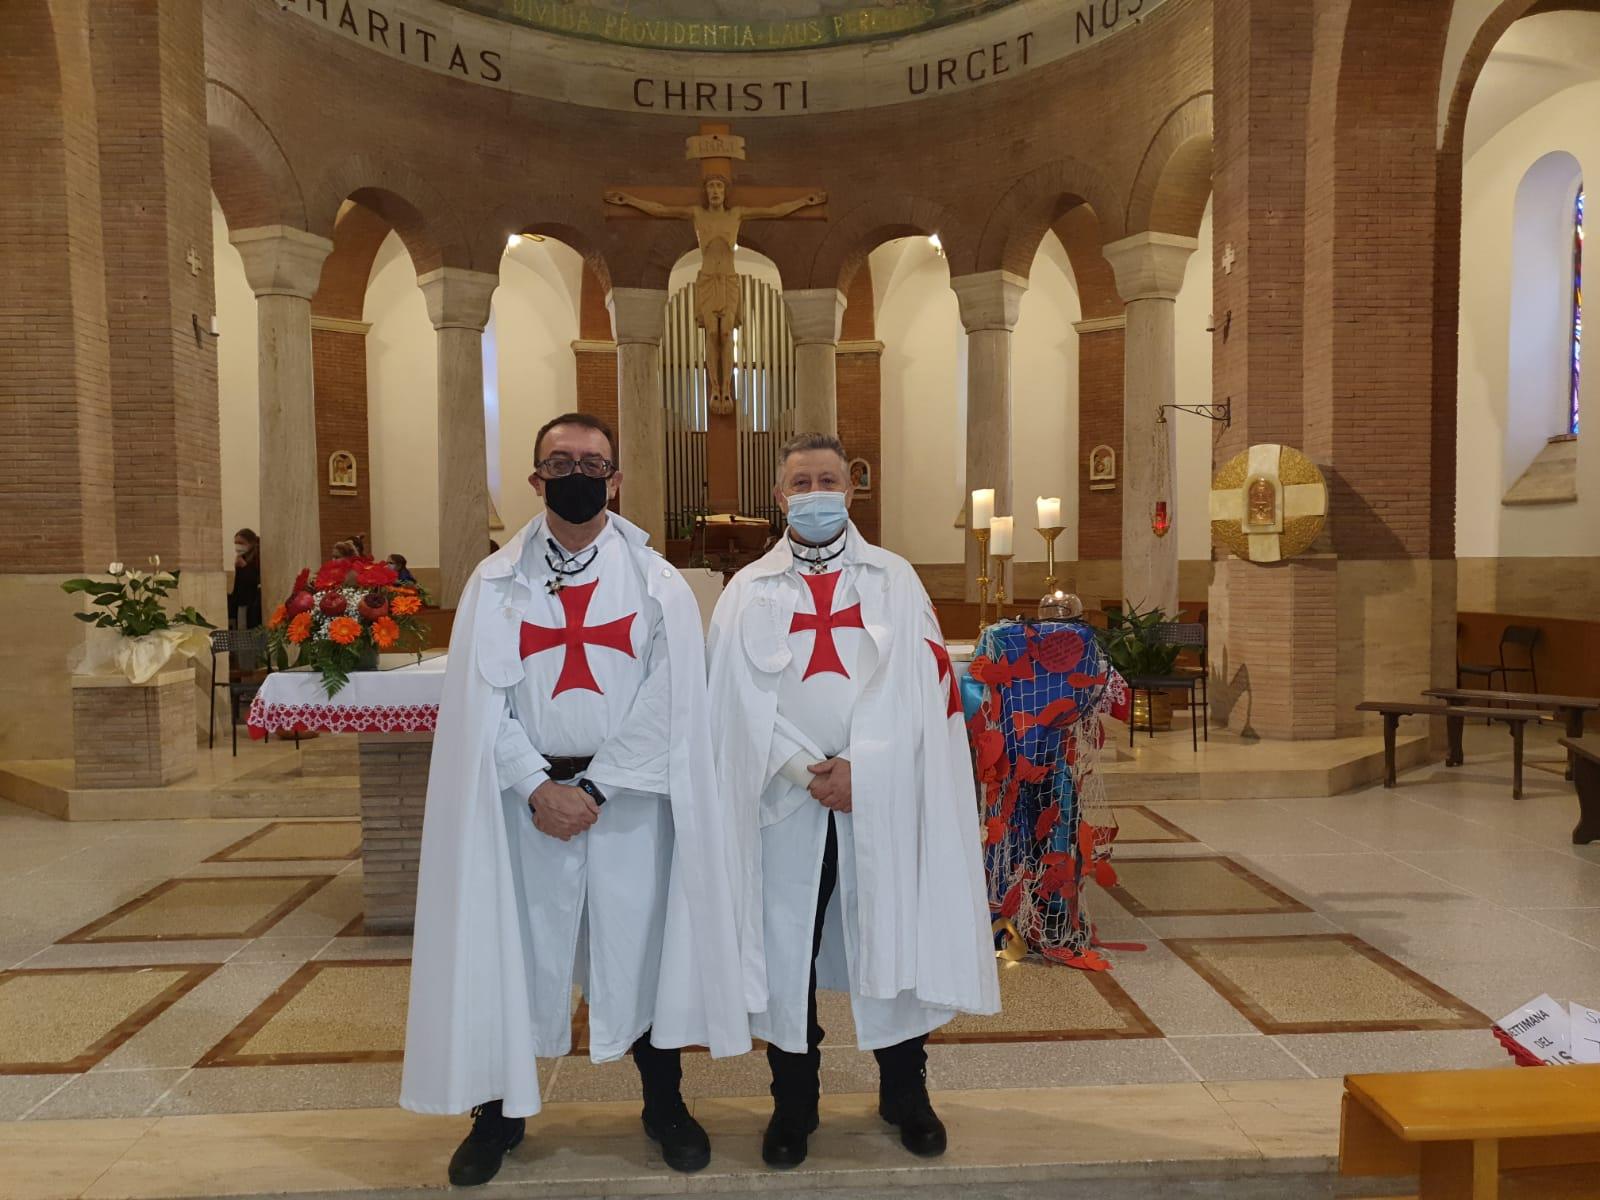 Partecipazione Santa Messa – Chiesa di San Giuseppe Benedetto Cottolengo – Grosseto – 15.11.2020